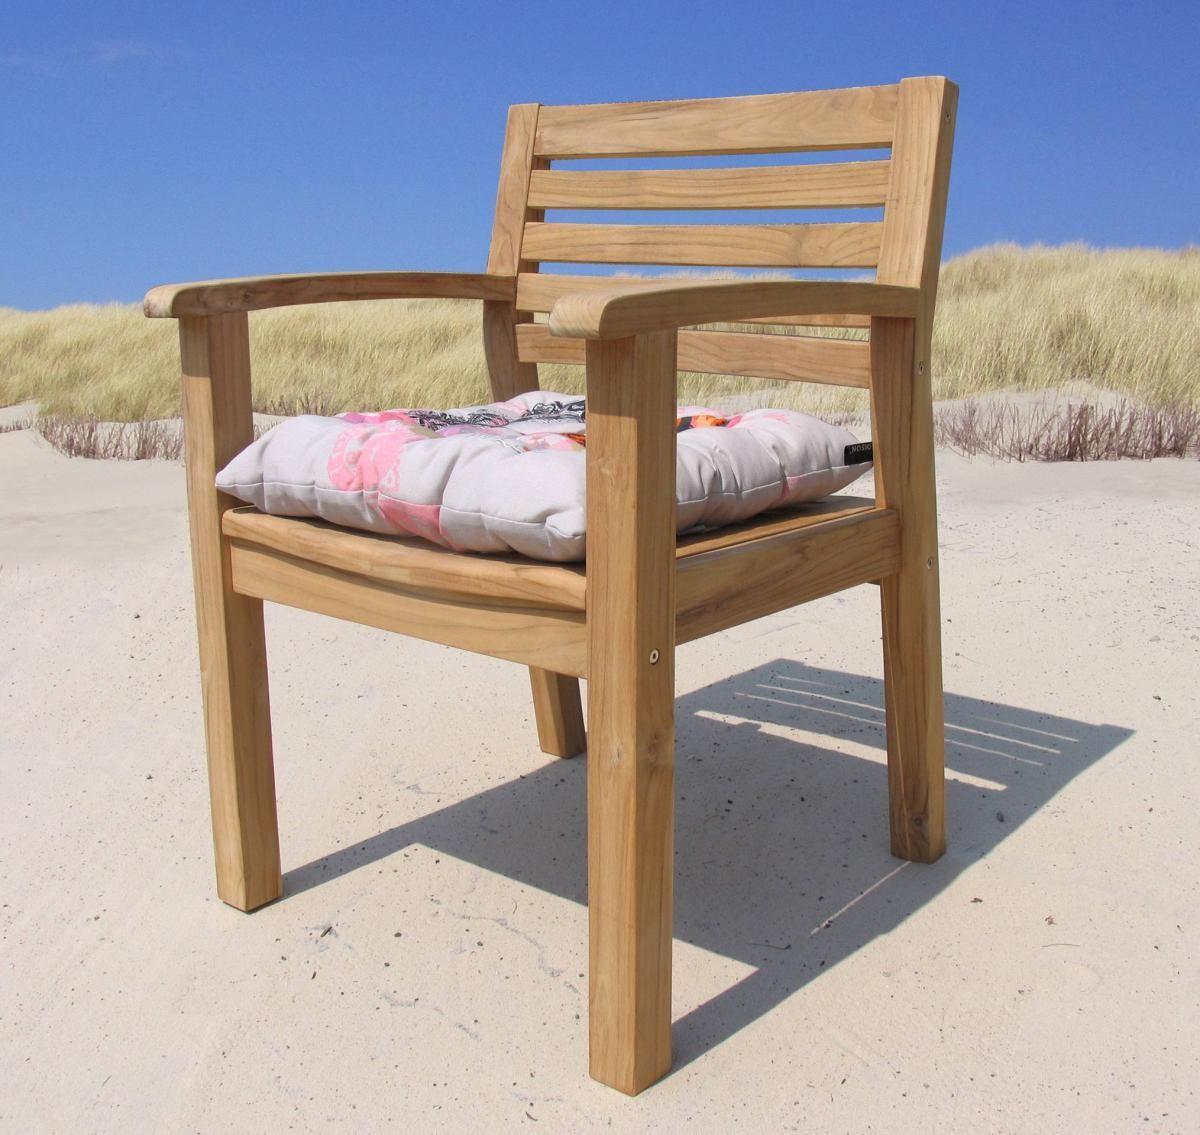 Grasekamp Gartenstuhl Sessel Teakstuhl Teak Holz Stuhl Mit Armlehne Und  Sitzkissen Jetzt Bestellen Unter: Https